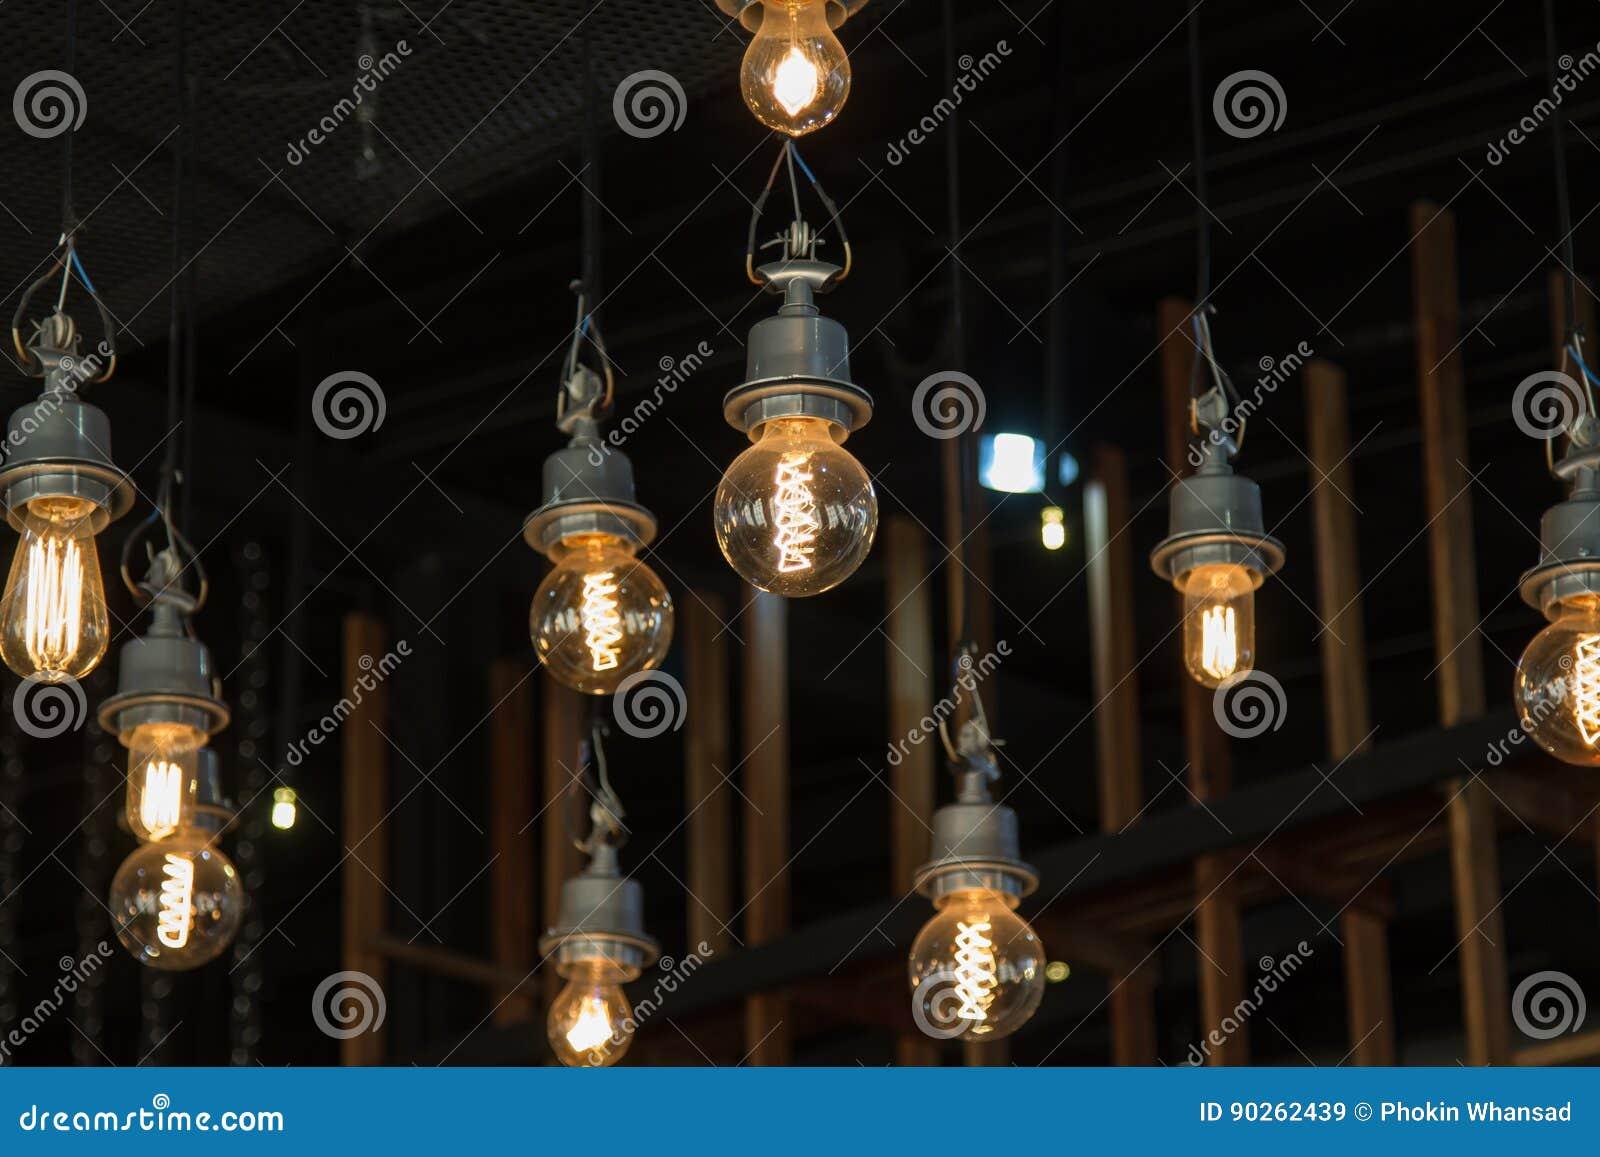 Iluminando-se no candelabro na luz de lâmpada, suspensão das ampolas